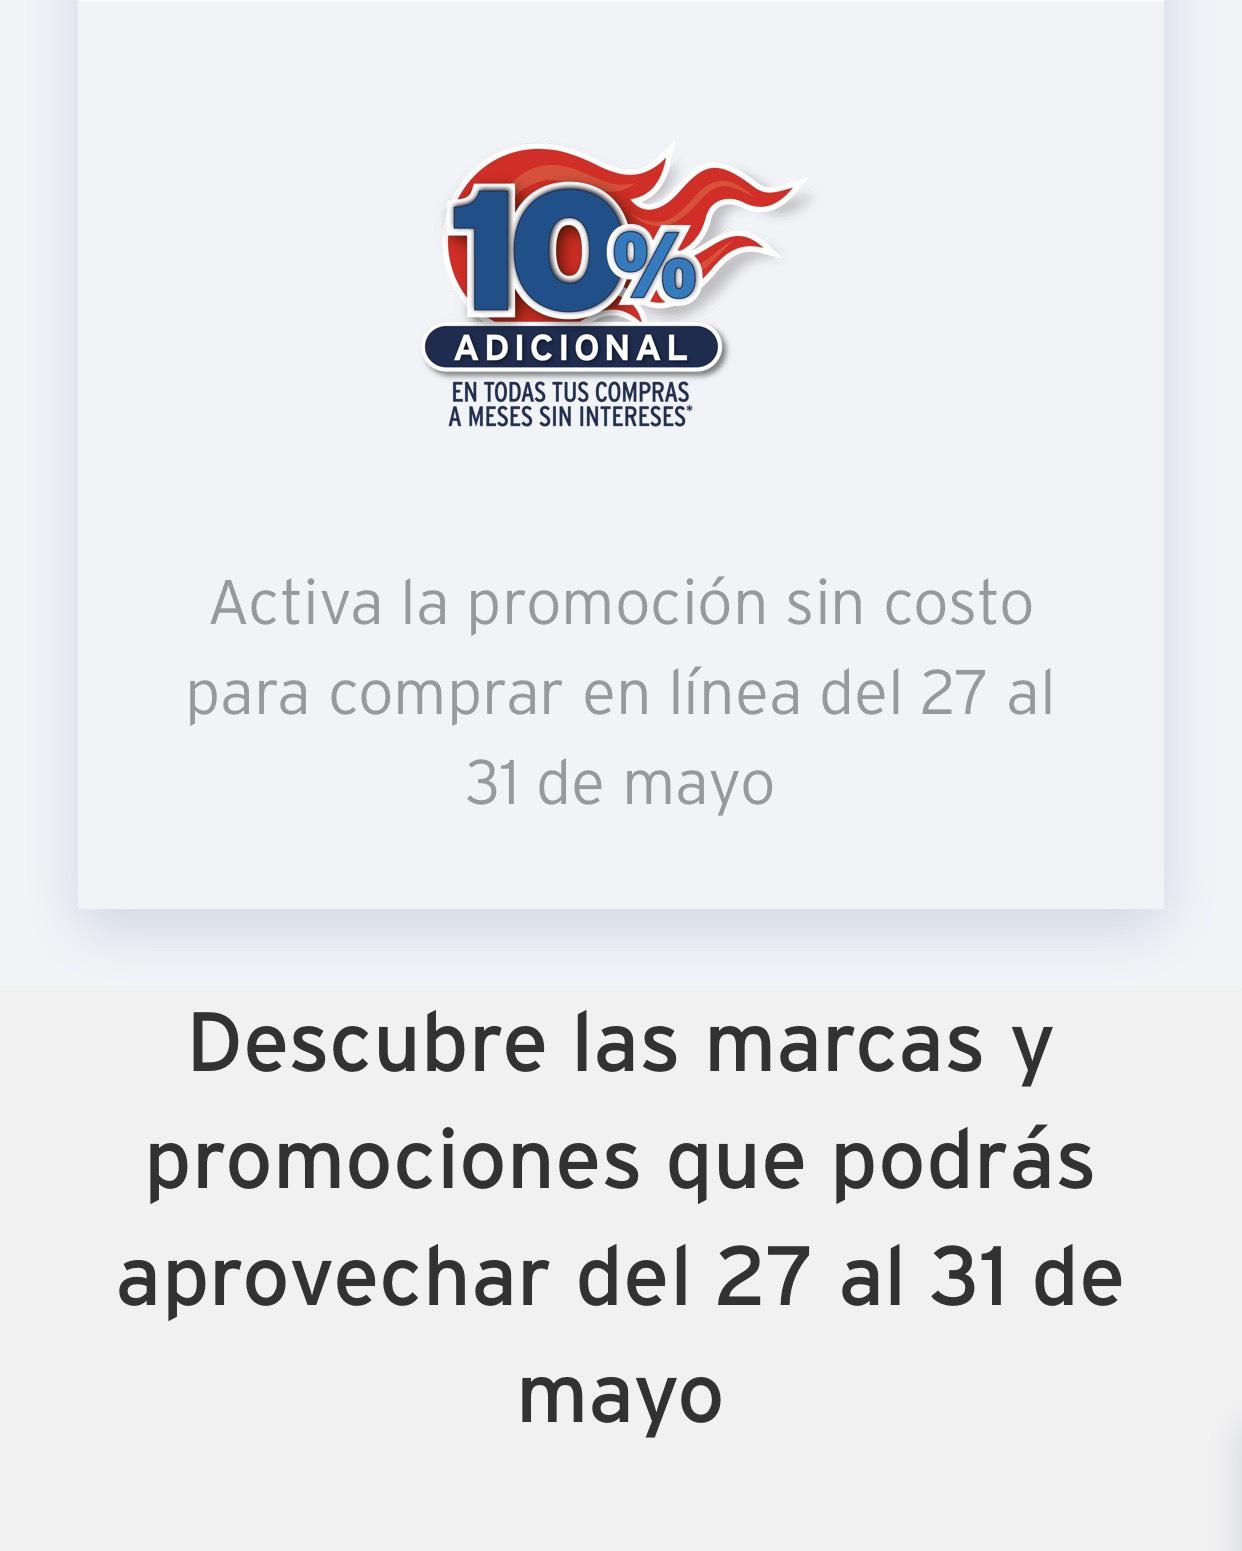 Banamex: Amplia plazo del 10% y 12% (Con ciertas tarjetas)